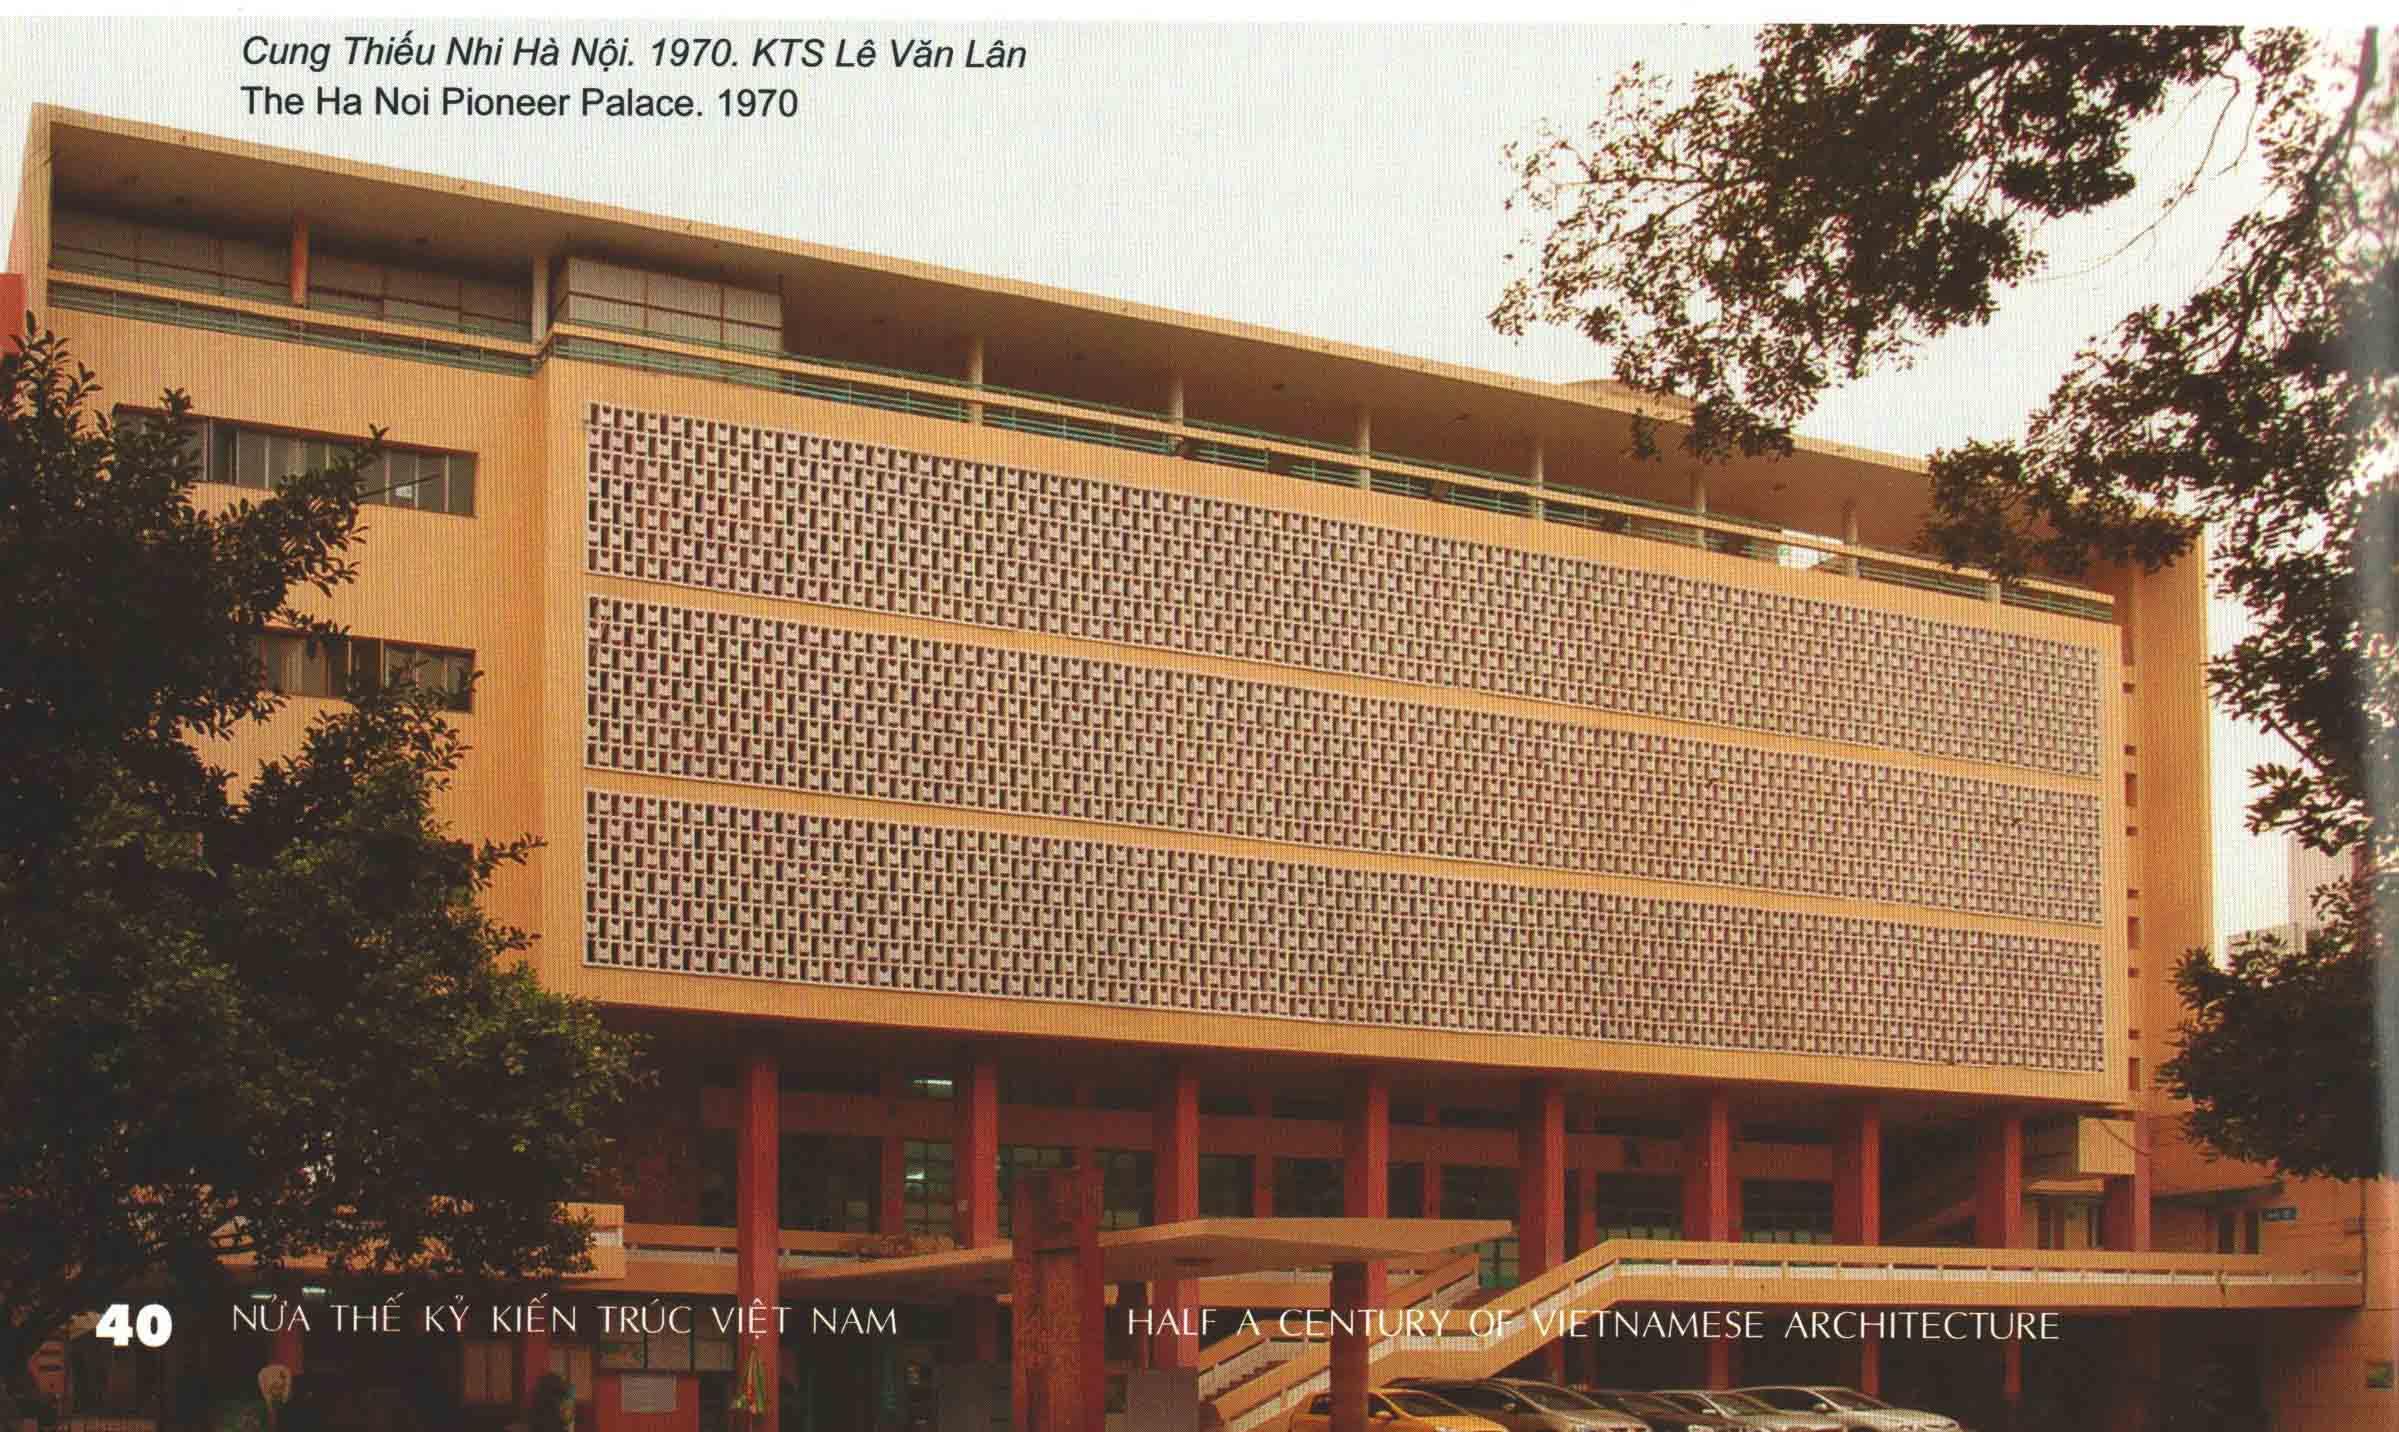 Hình 11. Cung Thiếu nhi Hà Nội (1970), KTS Lê Văn Lân